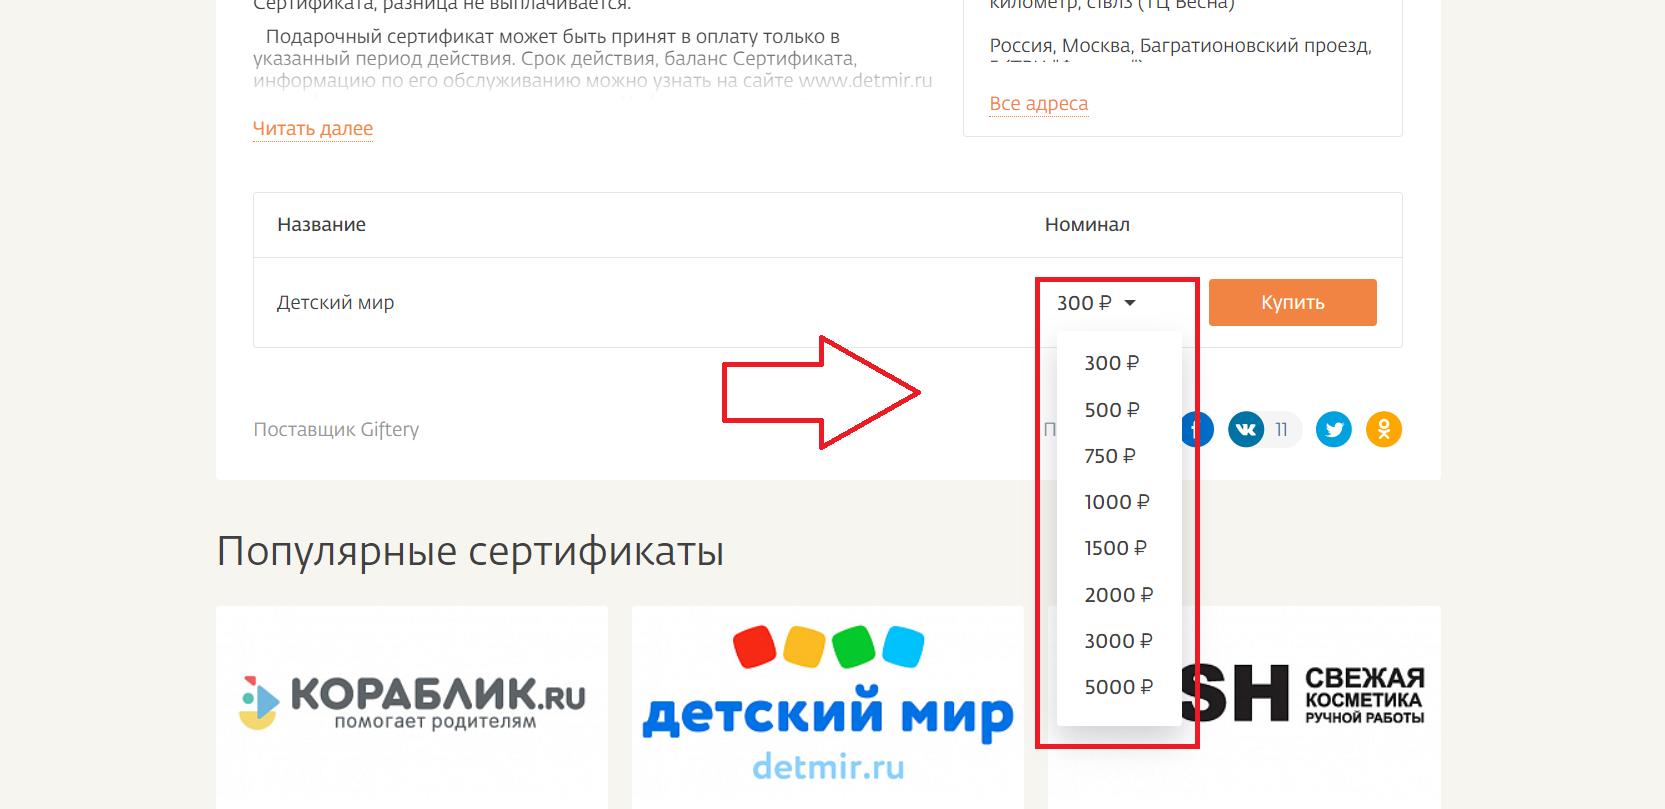 определитесь с номиналом сертификата – от 300 до 5 тыс. рублей;